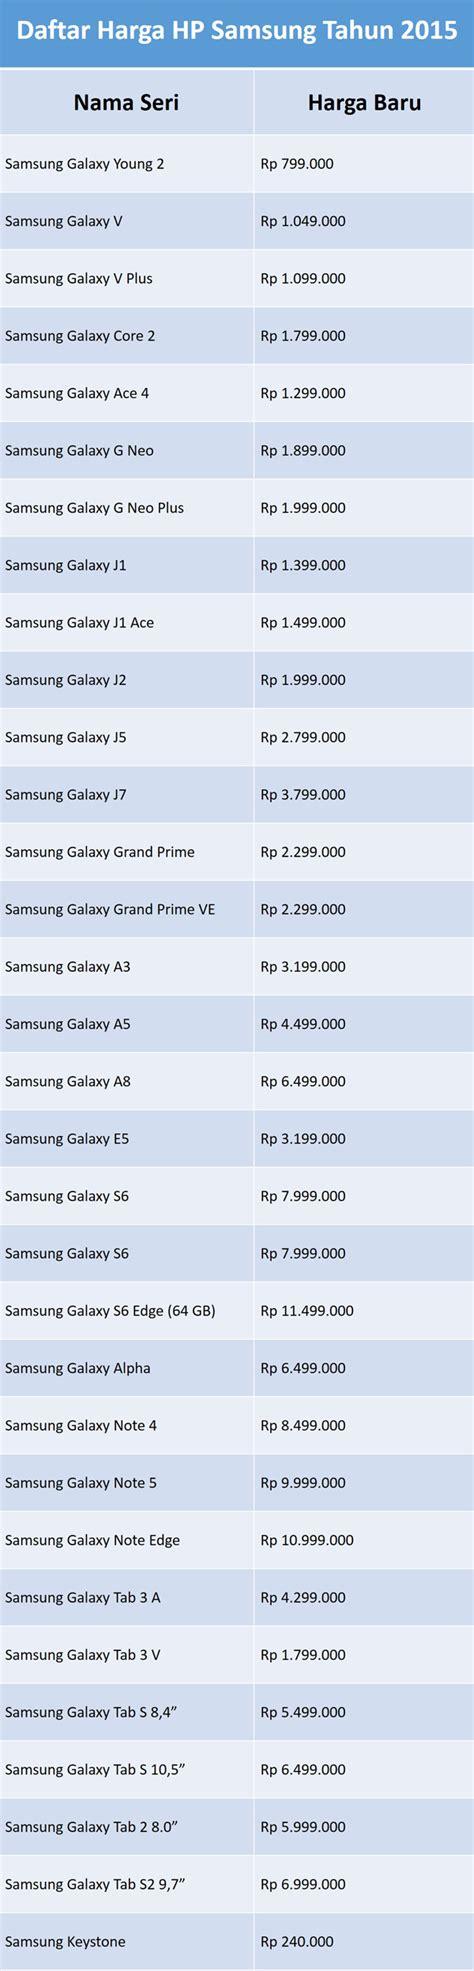 daftar harga hp samsung tahun 2015 di indonesia gadgetren